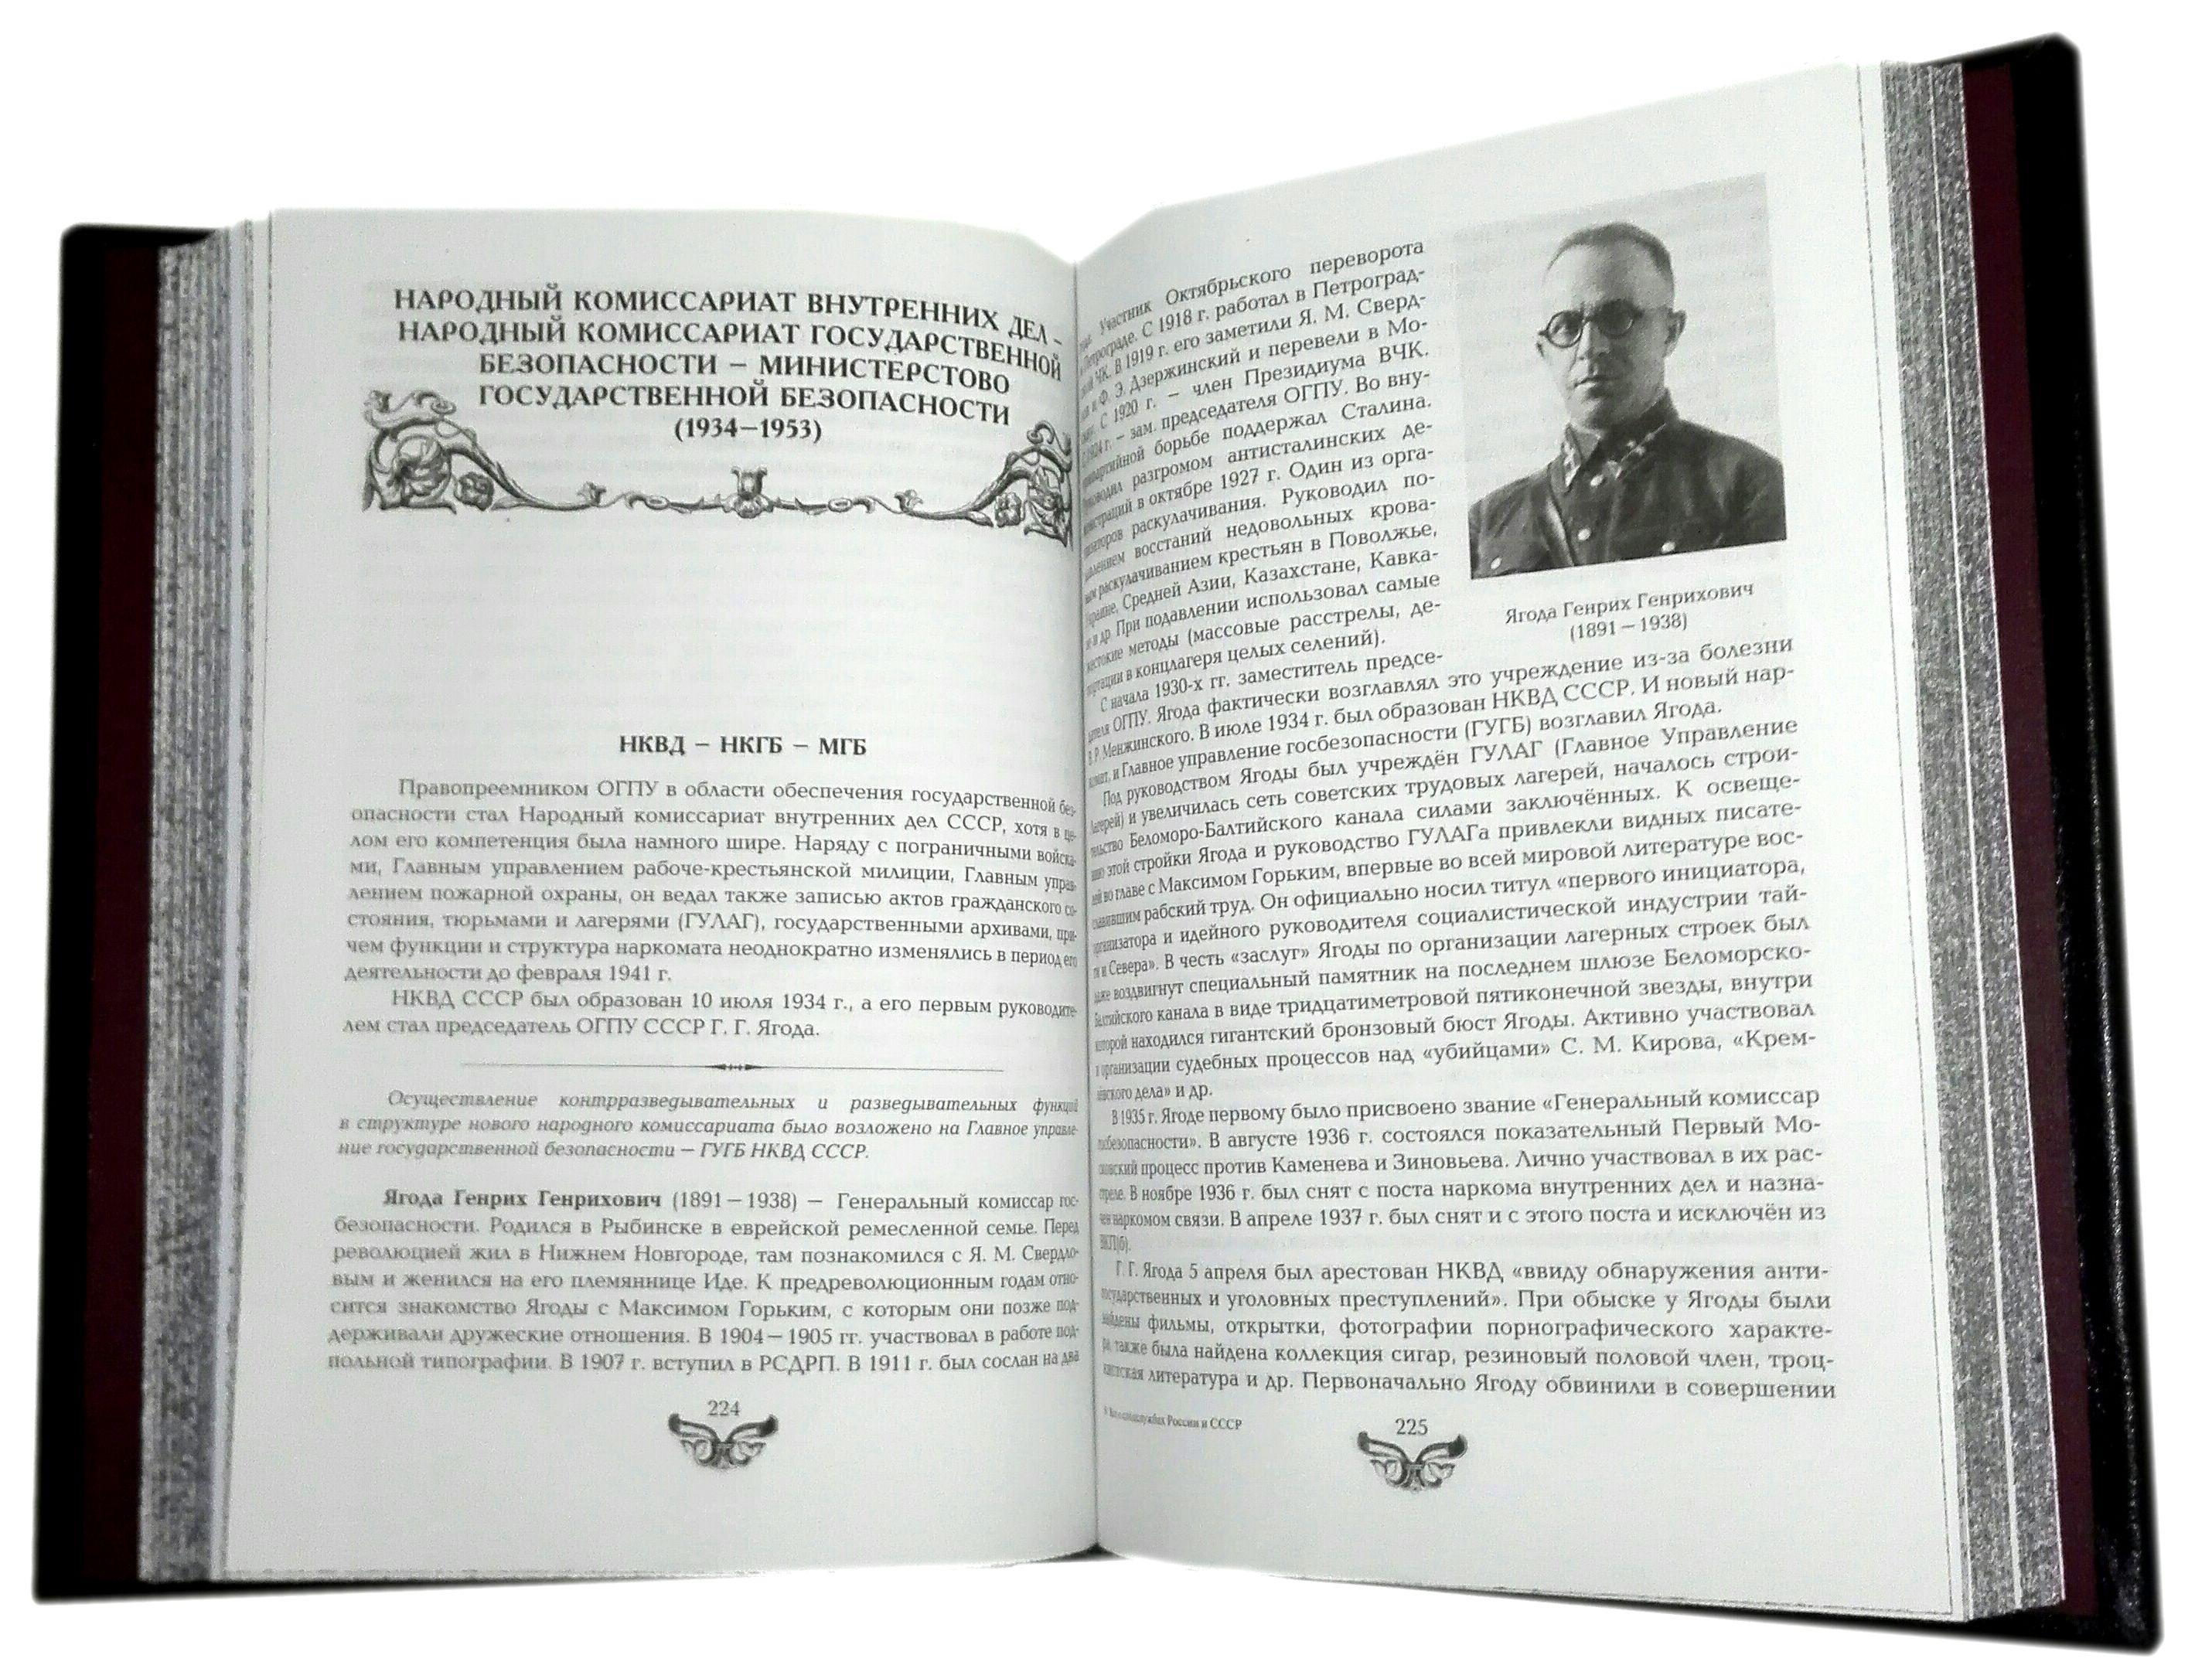 СПЕЦСЛУЖБЫ РОССИИ И СССР